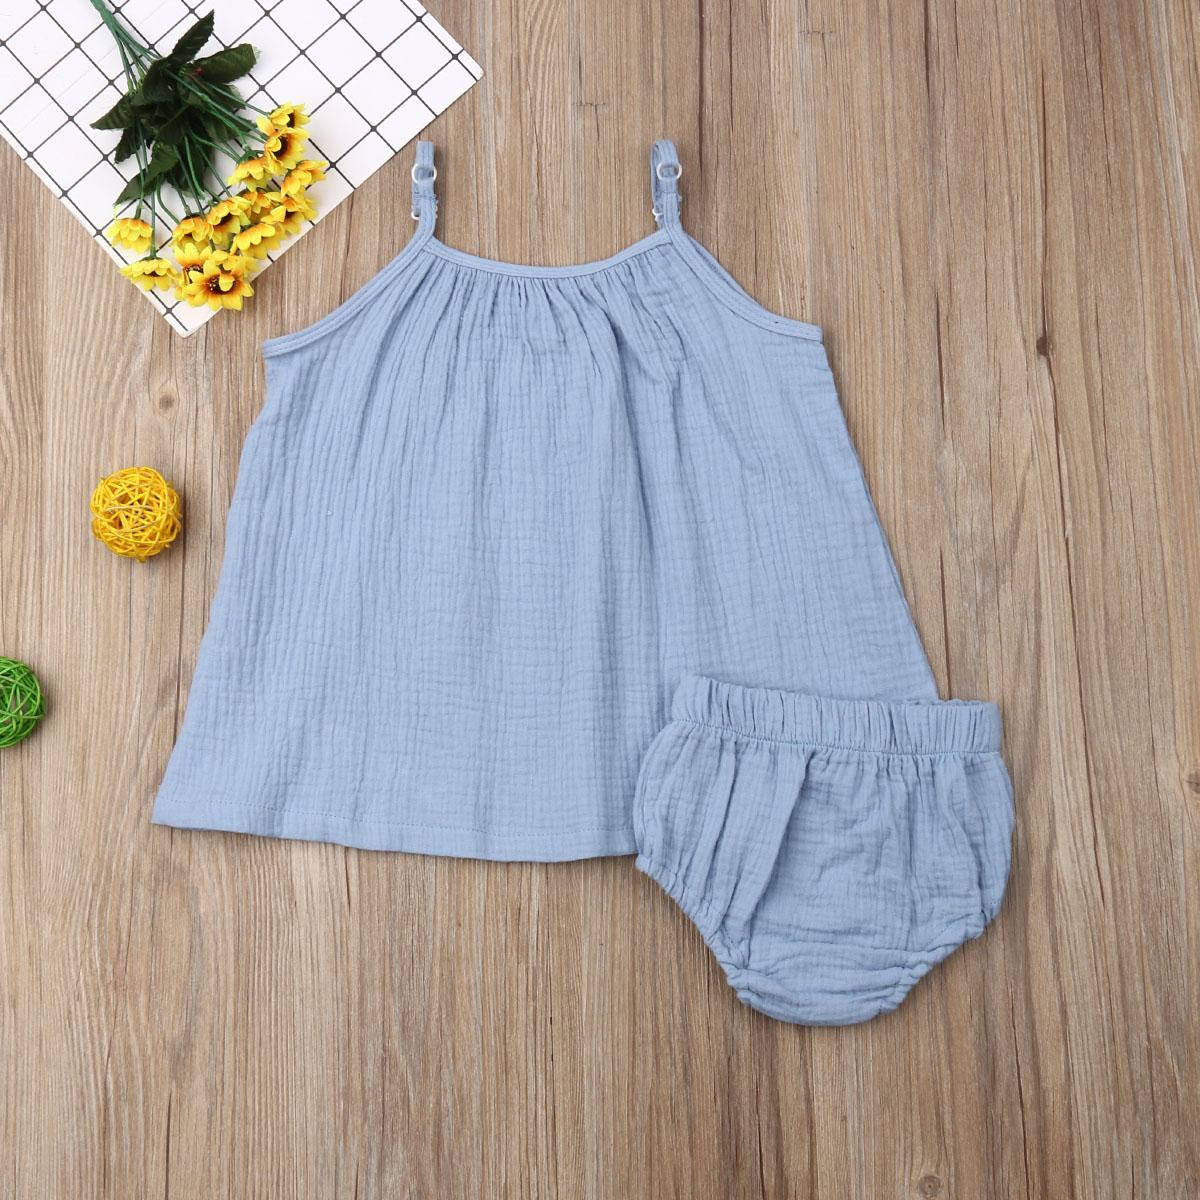 Criança crianças Bebés Meninas cor sólida mangas longas Tops + Mini Shorts roupas de verão roupa ocasional Kid